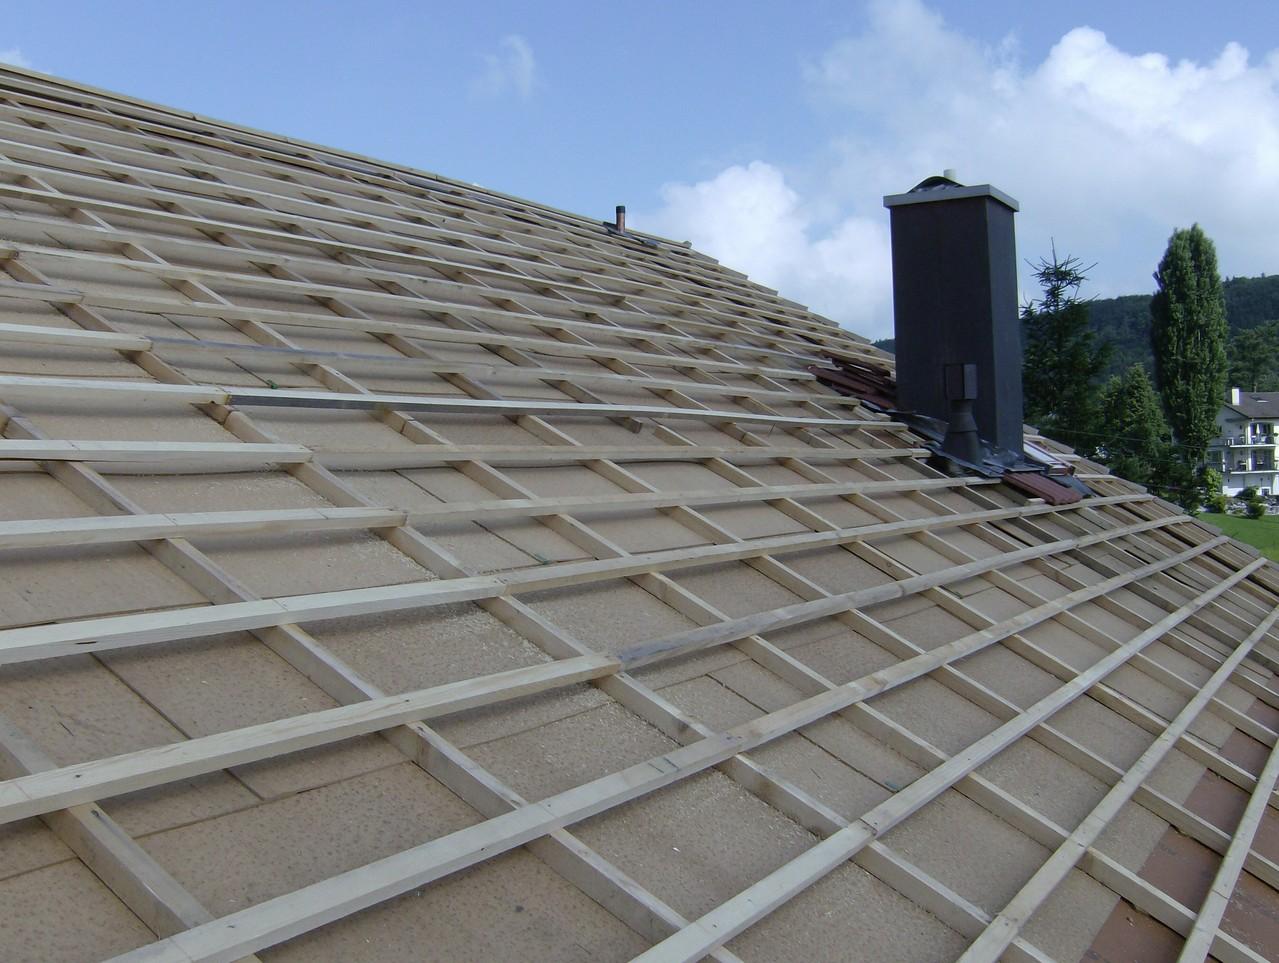 Steildachsanierung: Unterdach